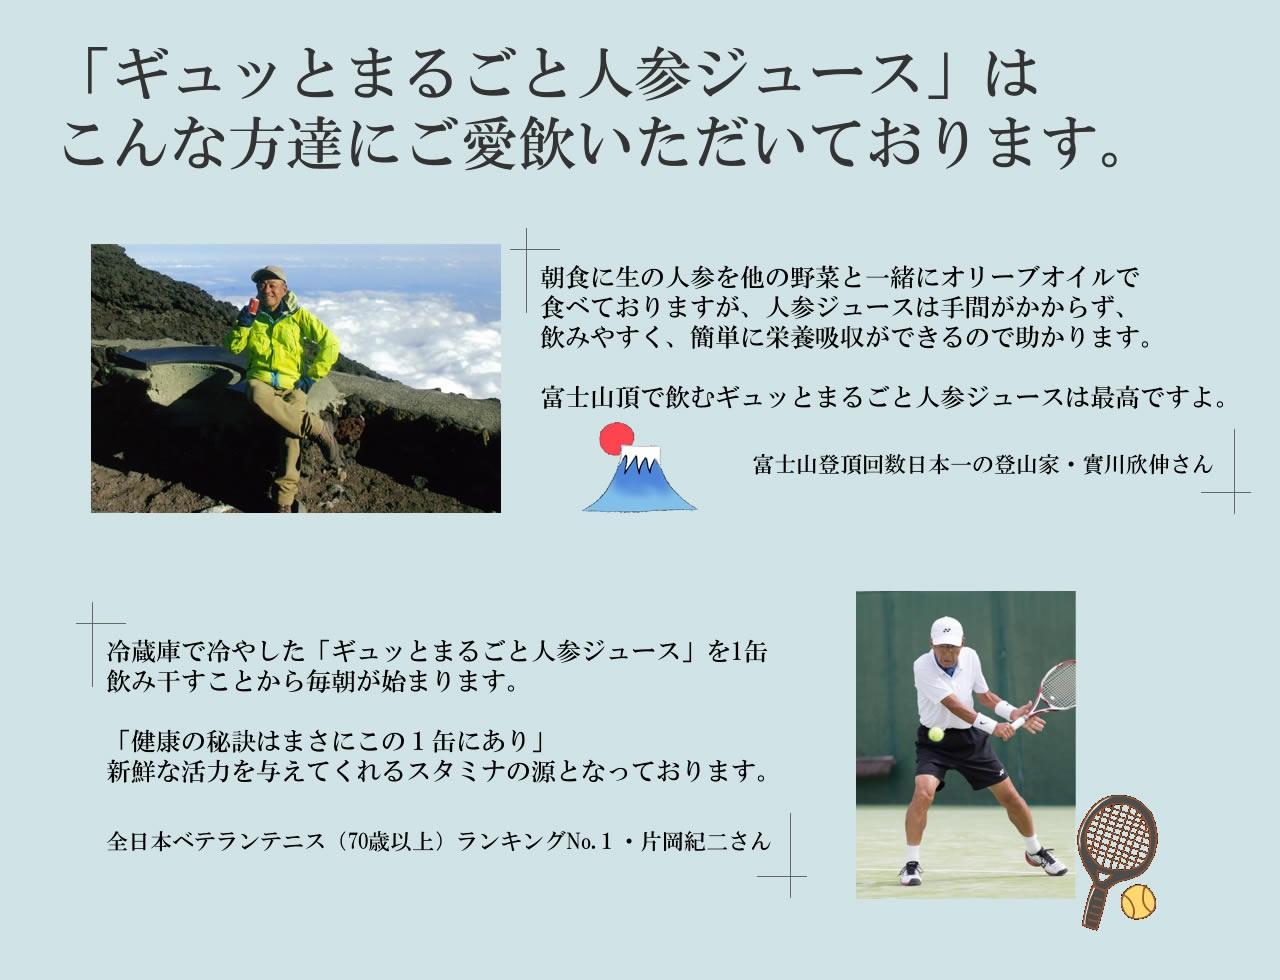 富士山登頂回数日本一の登山家・實川欣伸さん